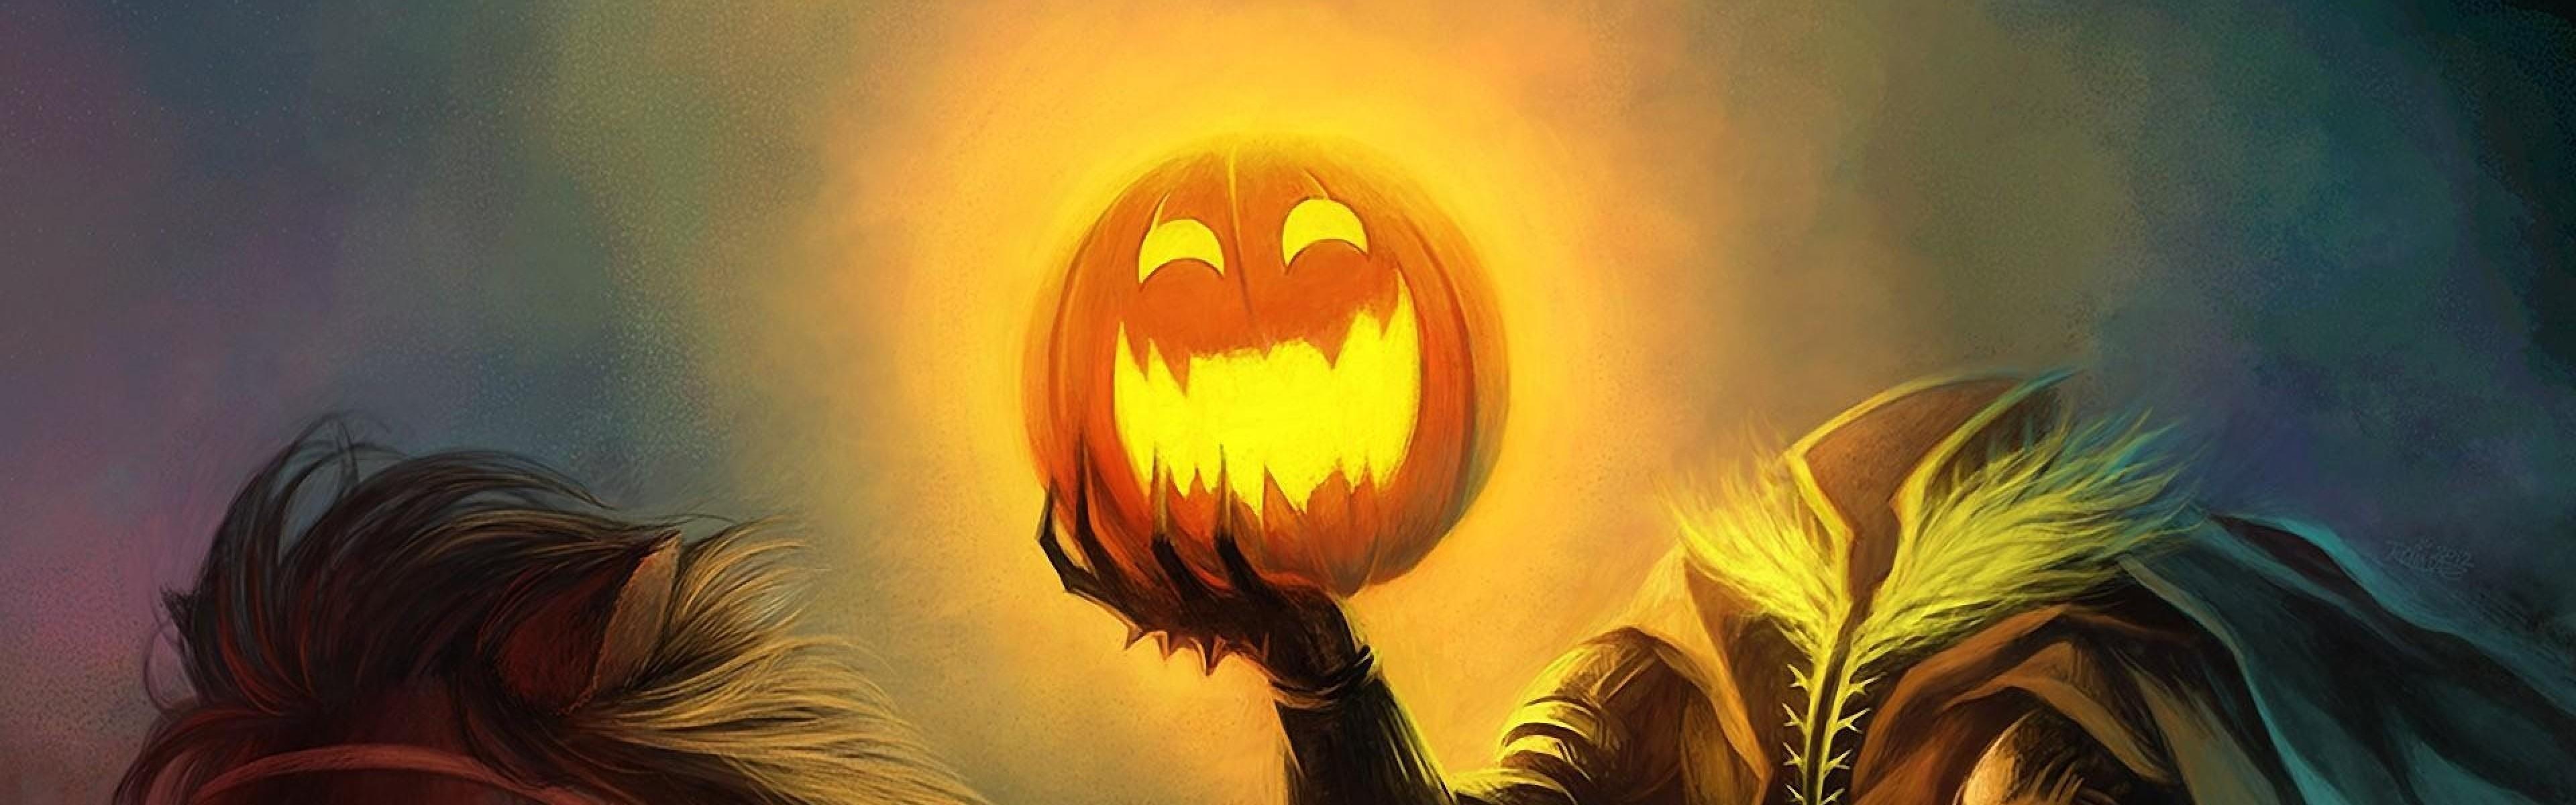 Good Wallpaper Halloween Horse - 474870  Photograph_246371.jpg